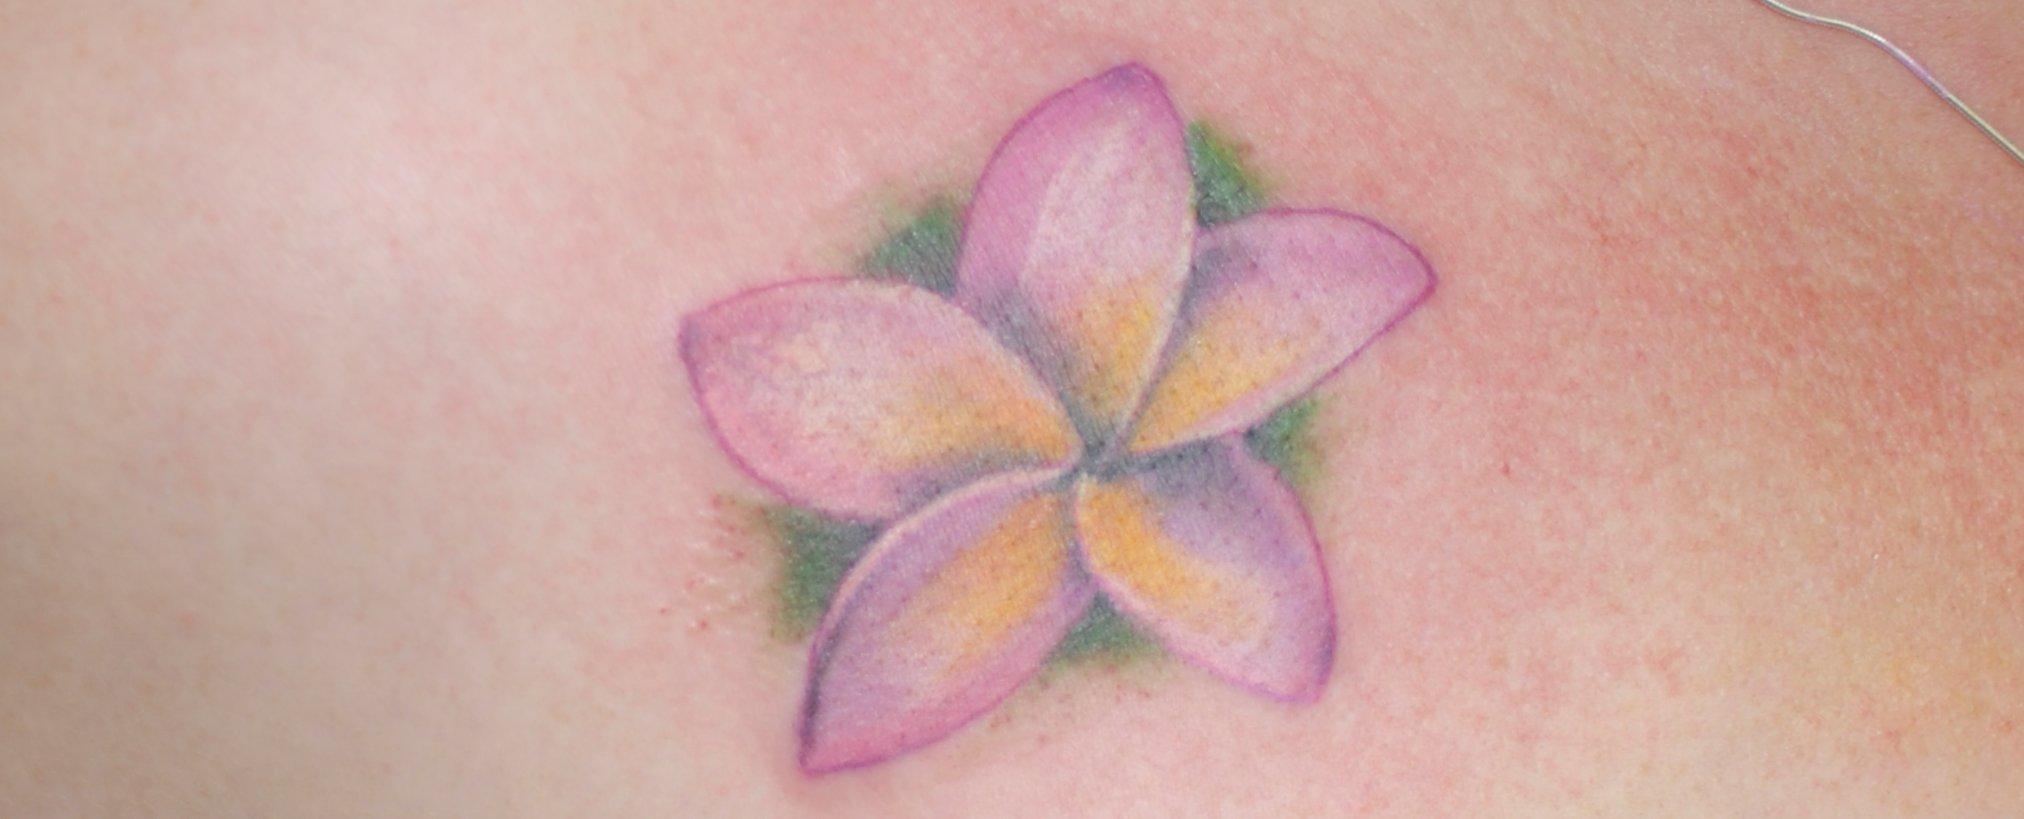 Hawaii Blumen Tattoos – Designs und deren Bedeutung alletattoo.de 16